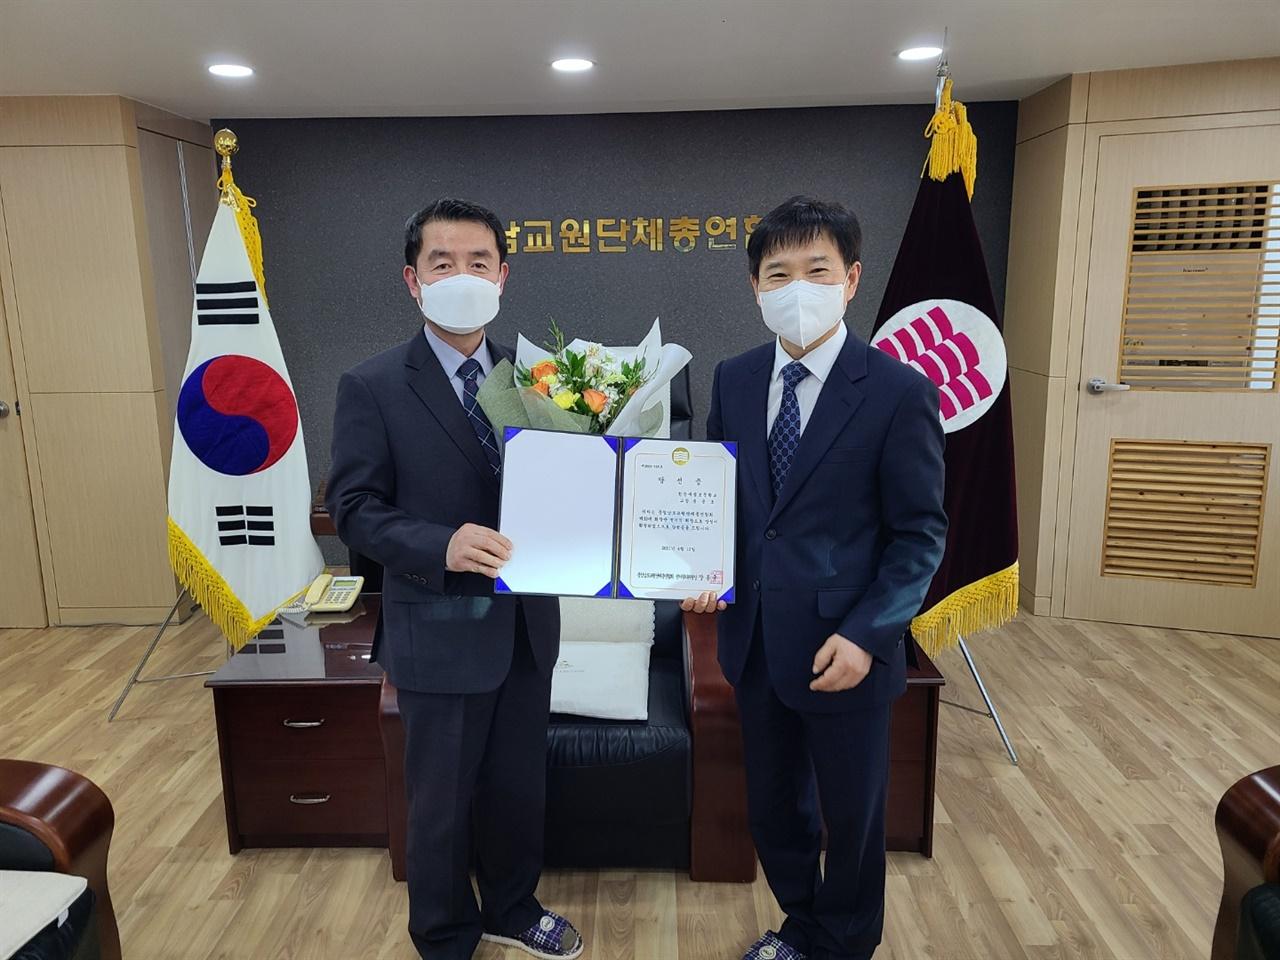 지난 4월 당선증을 받고 있는 윤용호(사진 왼쪽) 회장.